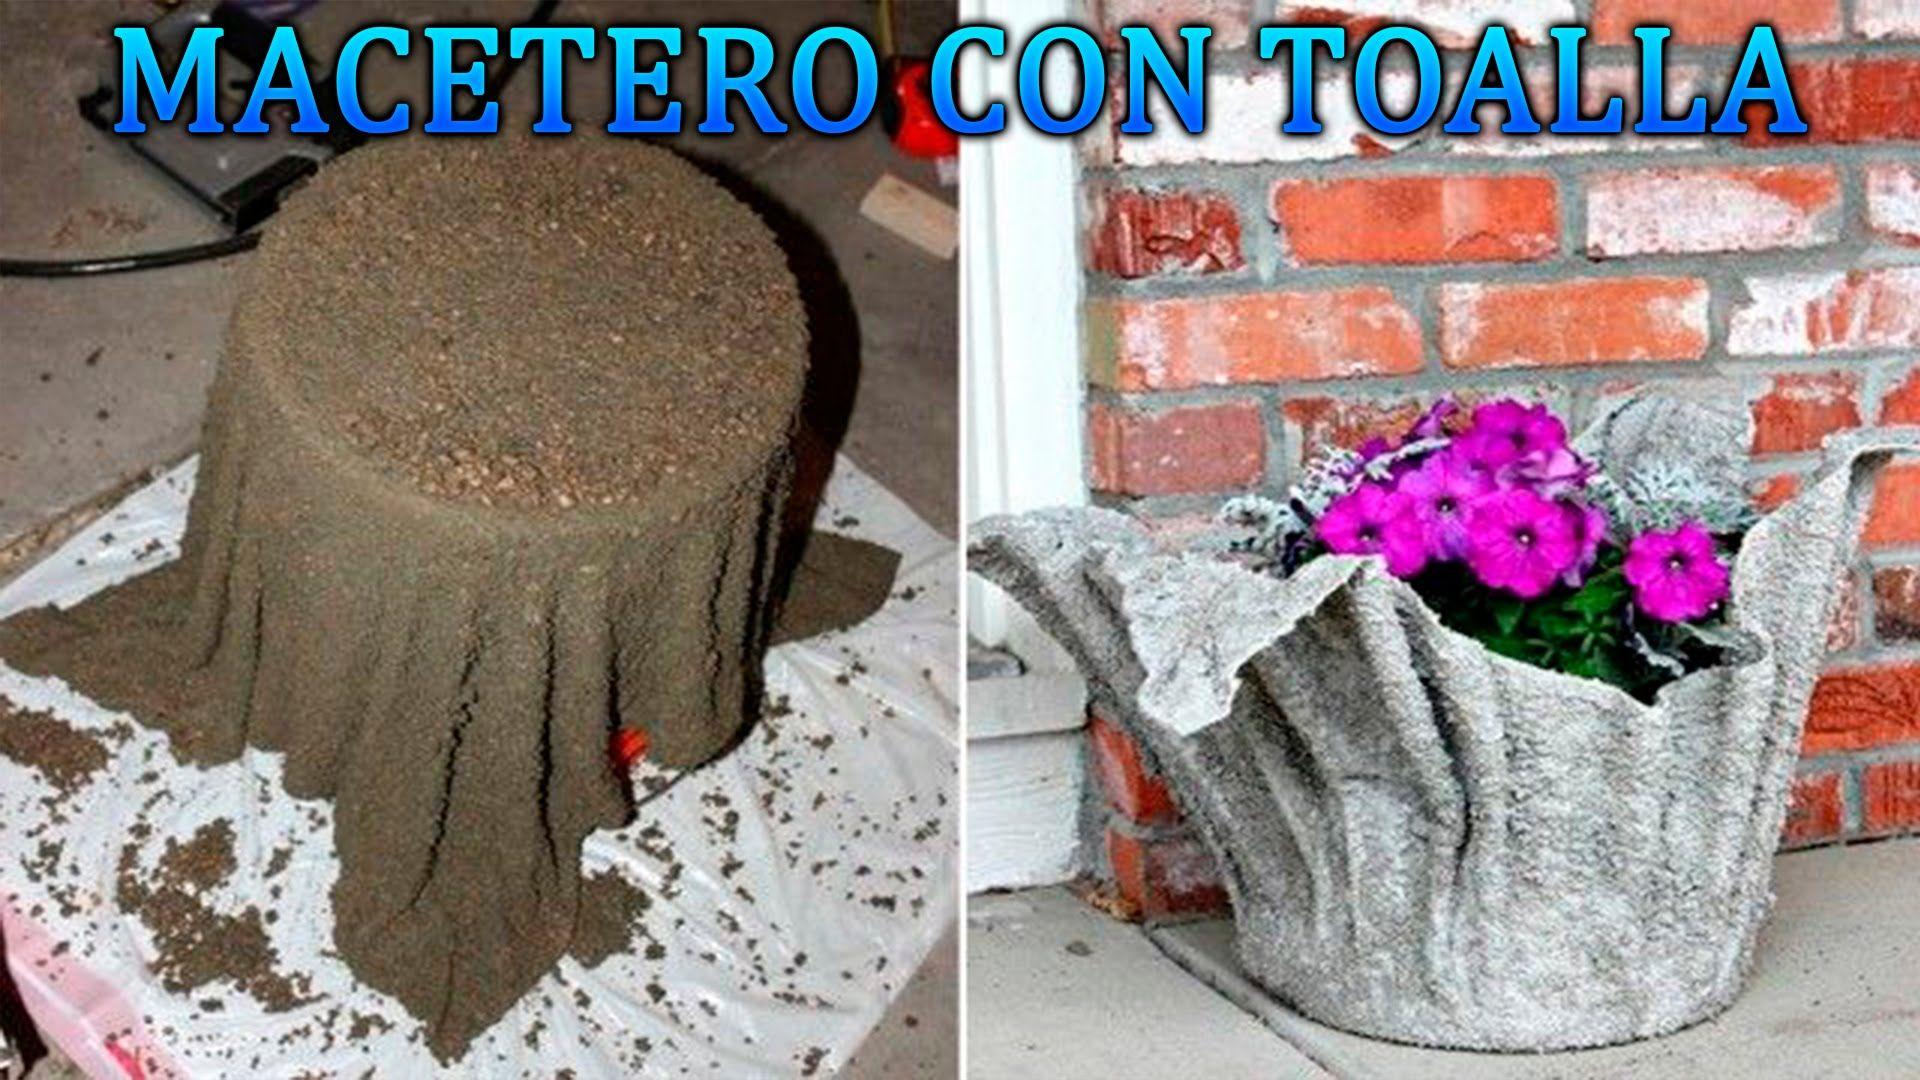 Diy como hacer maceteros con toallas viejas y cemento for Macetas de cemento